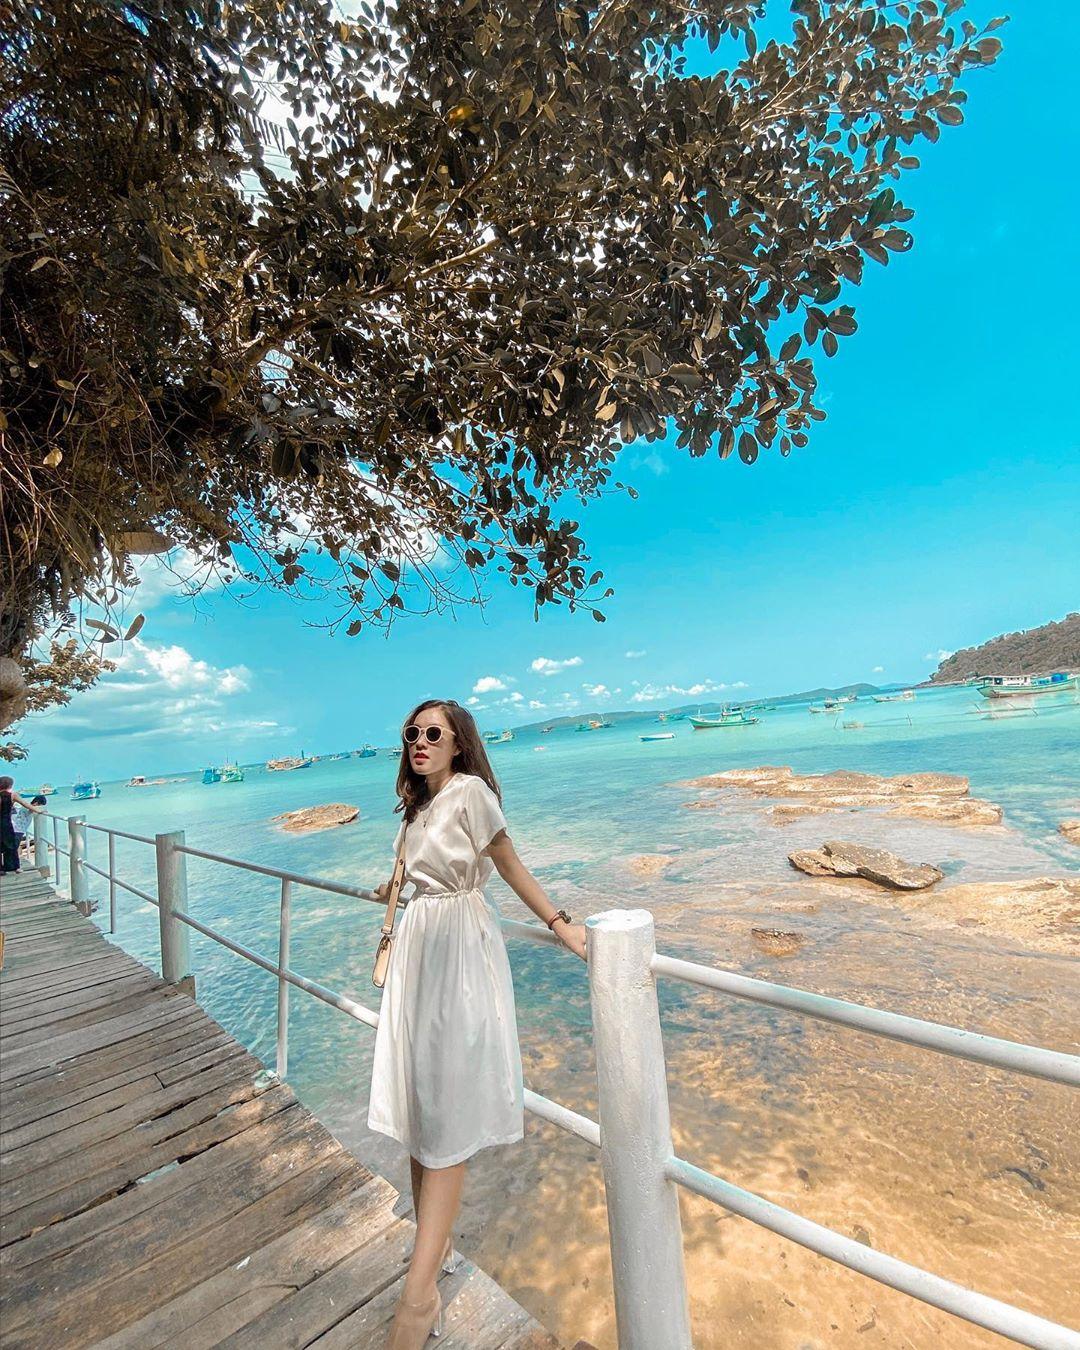 Tour du lịch Phú Quốc giá rẻ từ Hà Nội: Du ngoạn thiên đường biển đảo chỉ từ 1,2 triệu đồng - Ảnh 9.